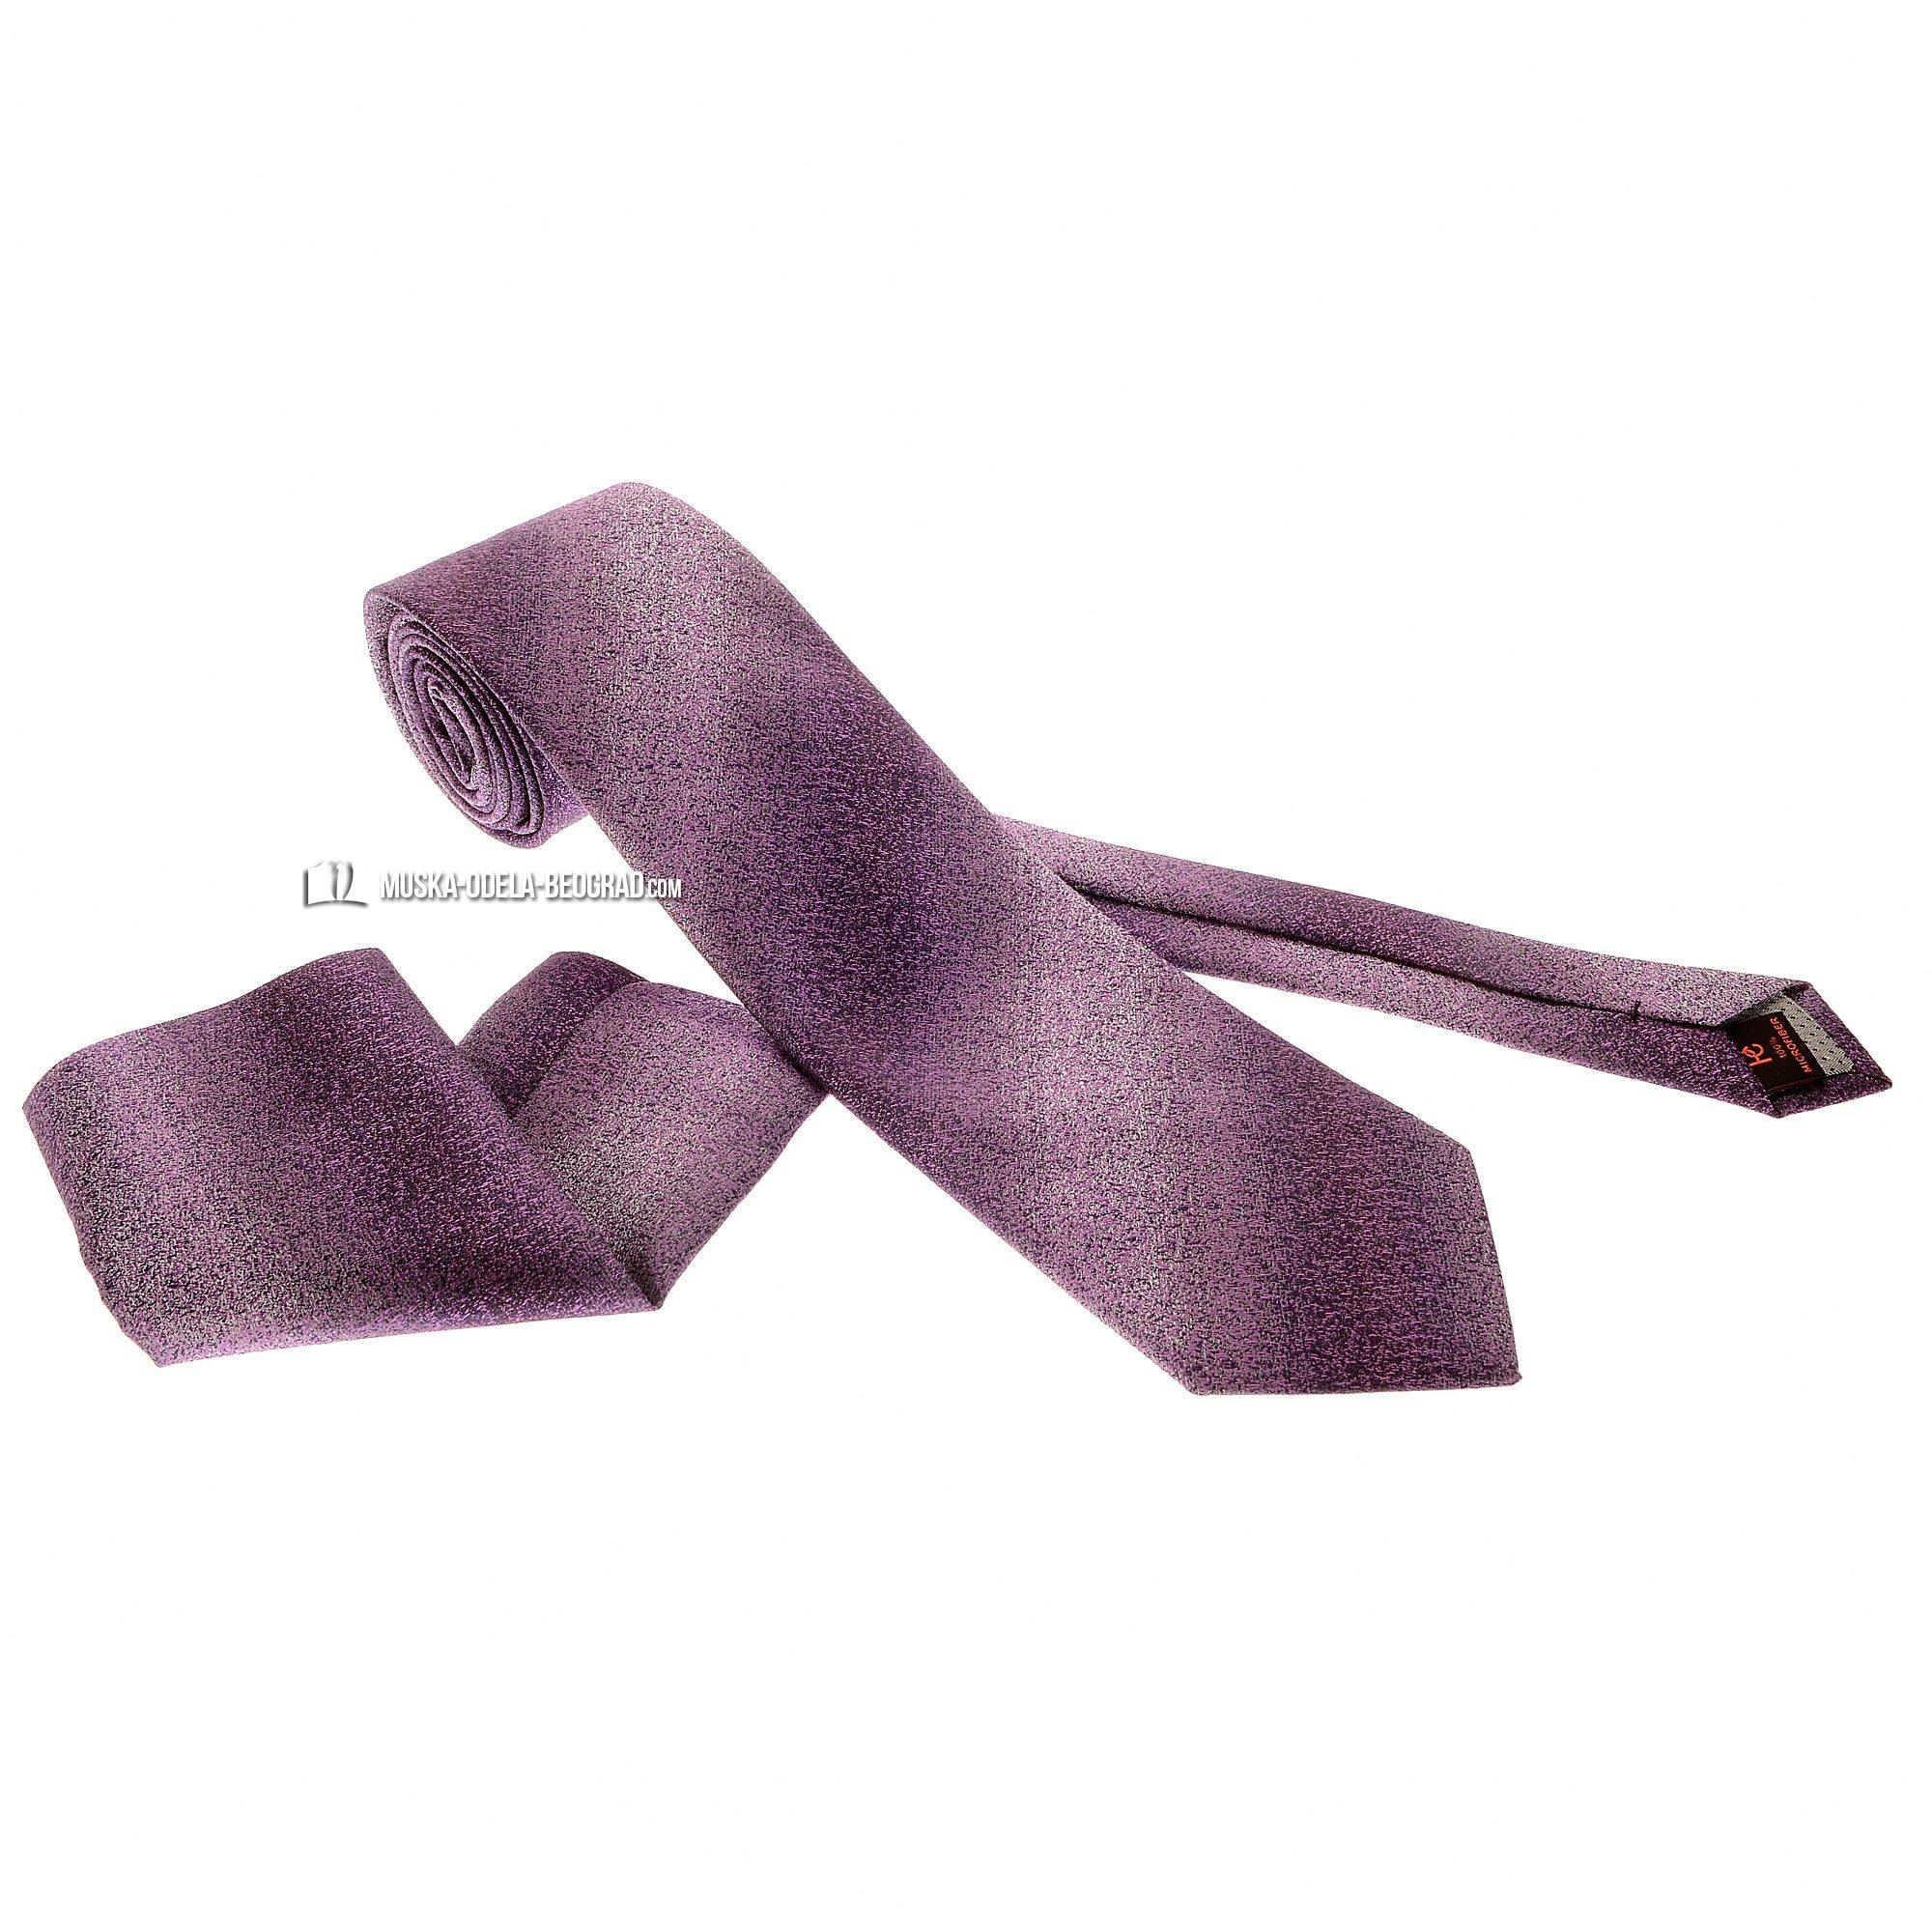 muska kravata #180 - muske kravate cene, kravata za vencanje, svadbu, svadba, mladozenja, mladozenje, prodaja muskih odela za vencanje